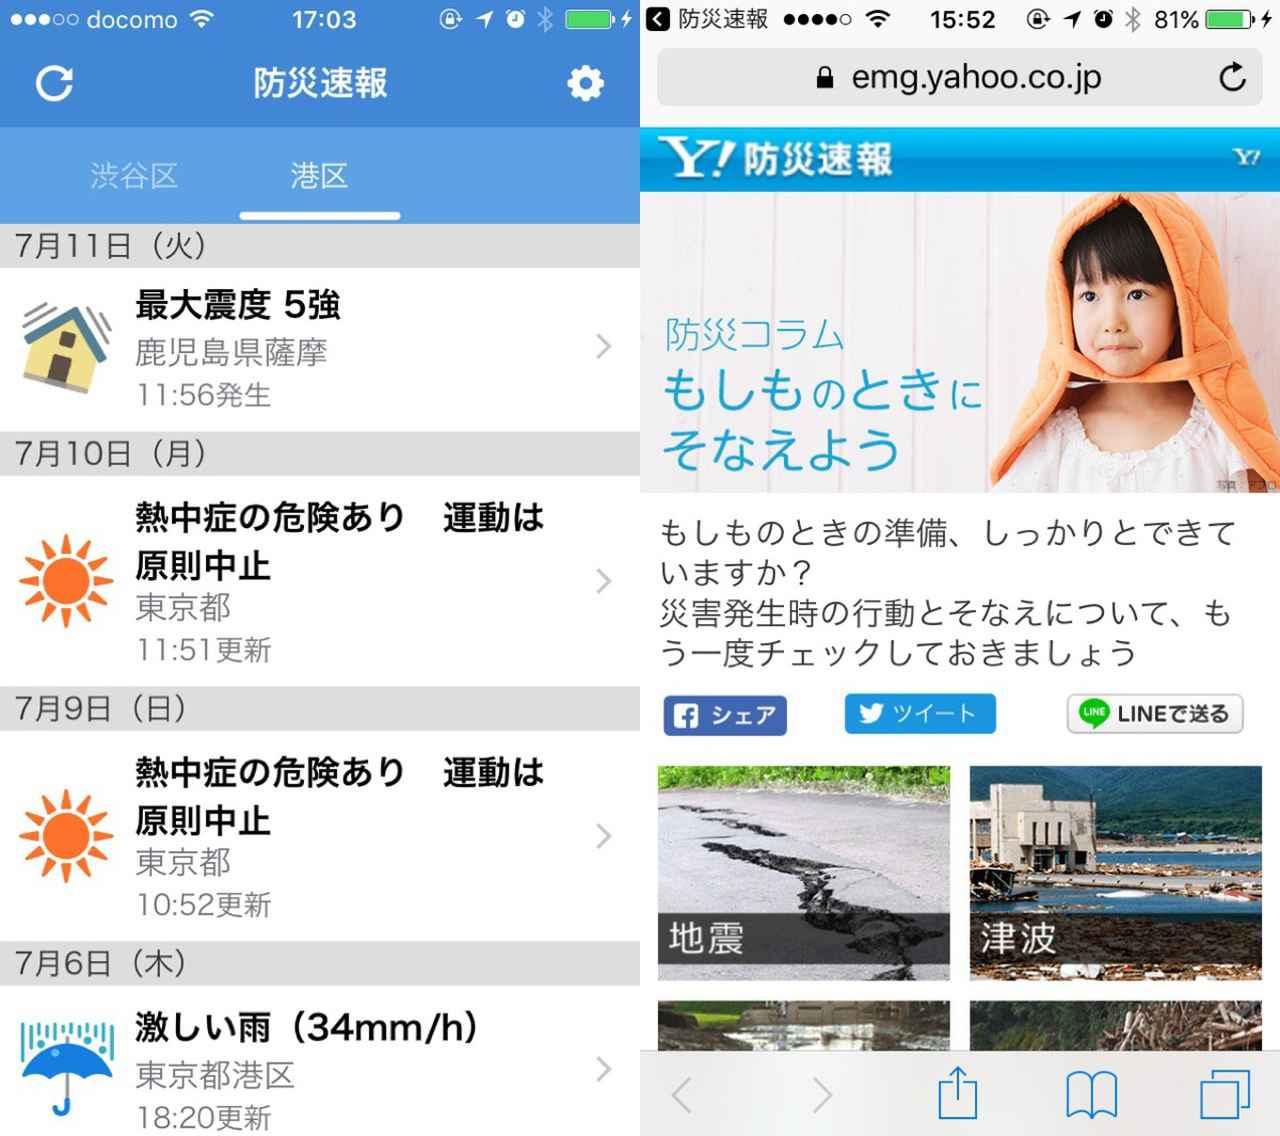 画像3: 熱中症情報から災害情報まで幅広く通知『Yahoo!防災速報 - 災害情報を通知』